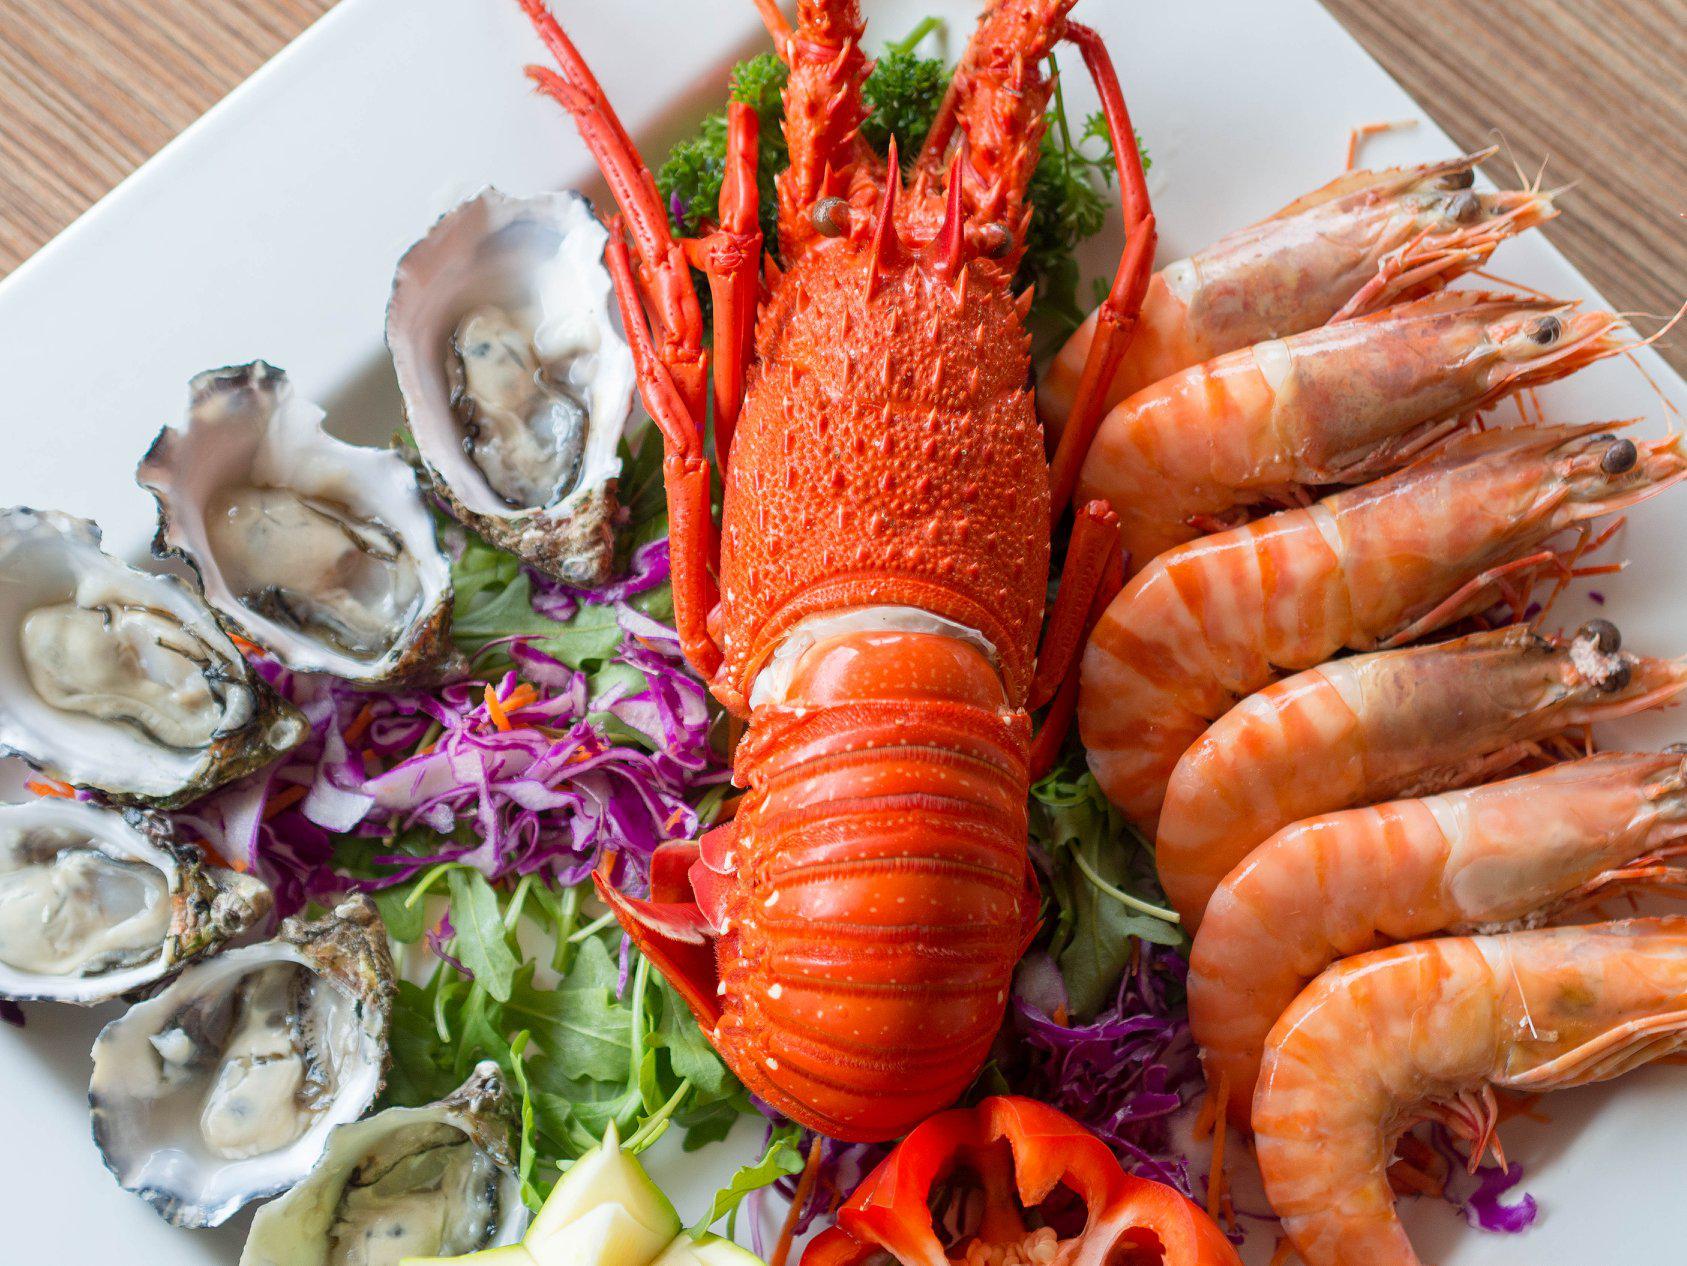 Rock lobster, prawns and oyster at Joe's Fish Shack